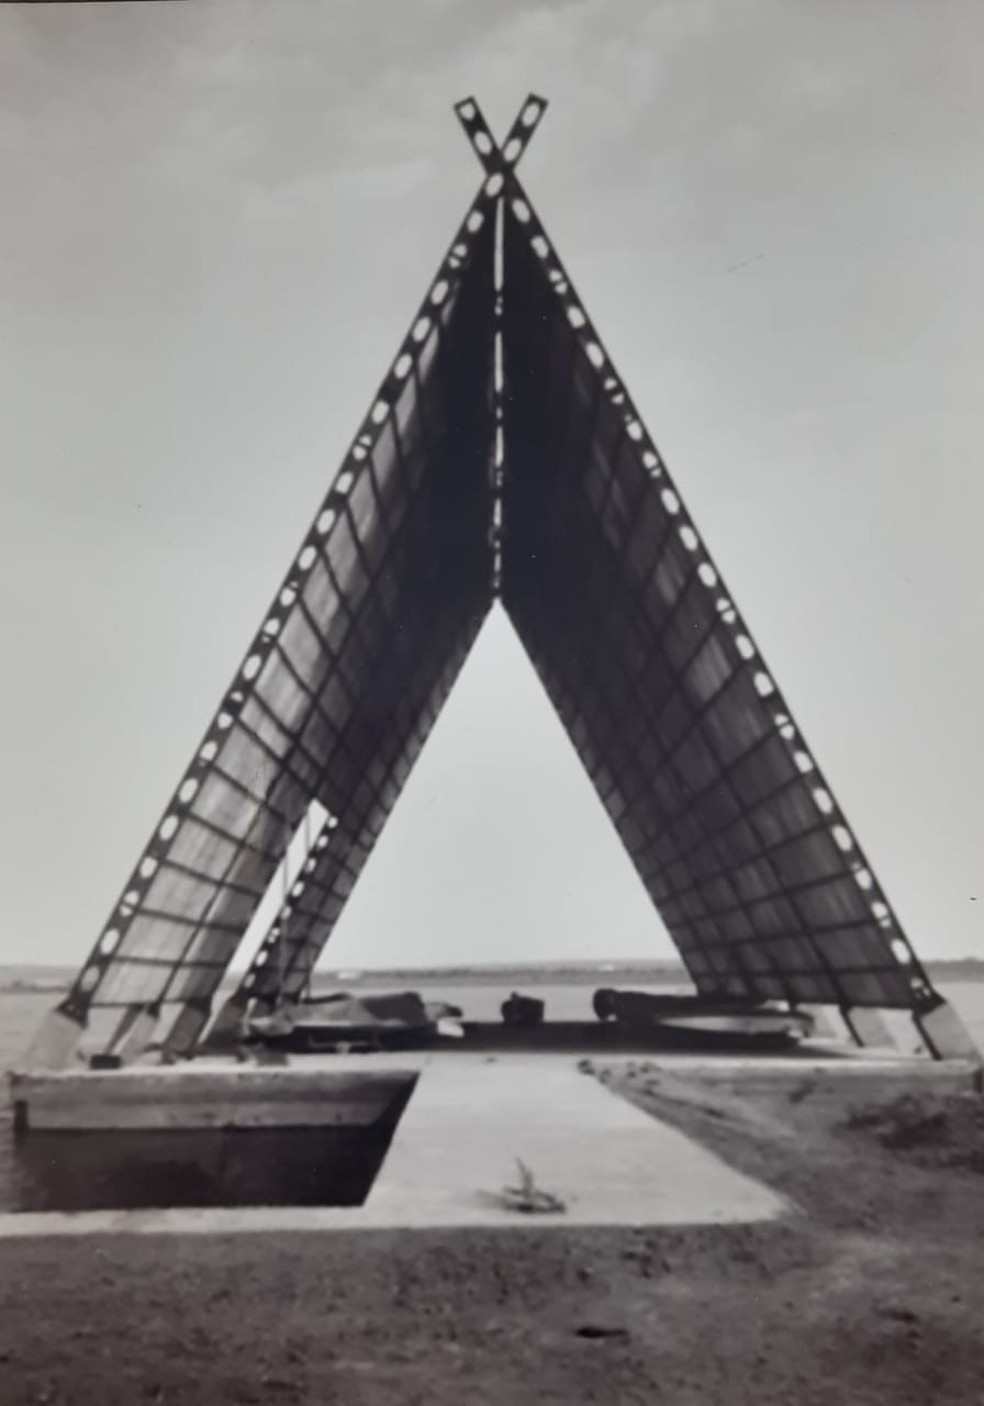 Fotografia exibida em mostra de comemoração aos 60 anos de fundação do Cota Mil Iate Clube, em Brasília — Foto: Cota Mil/Divulgação